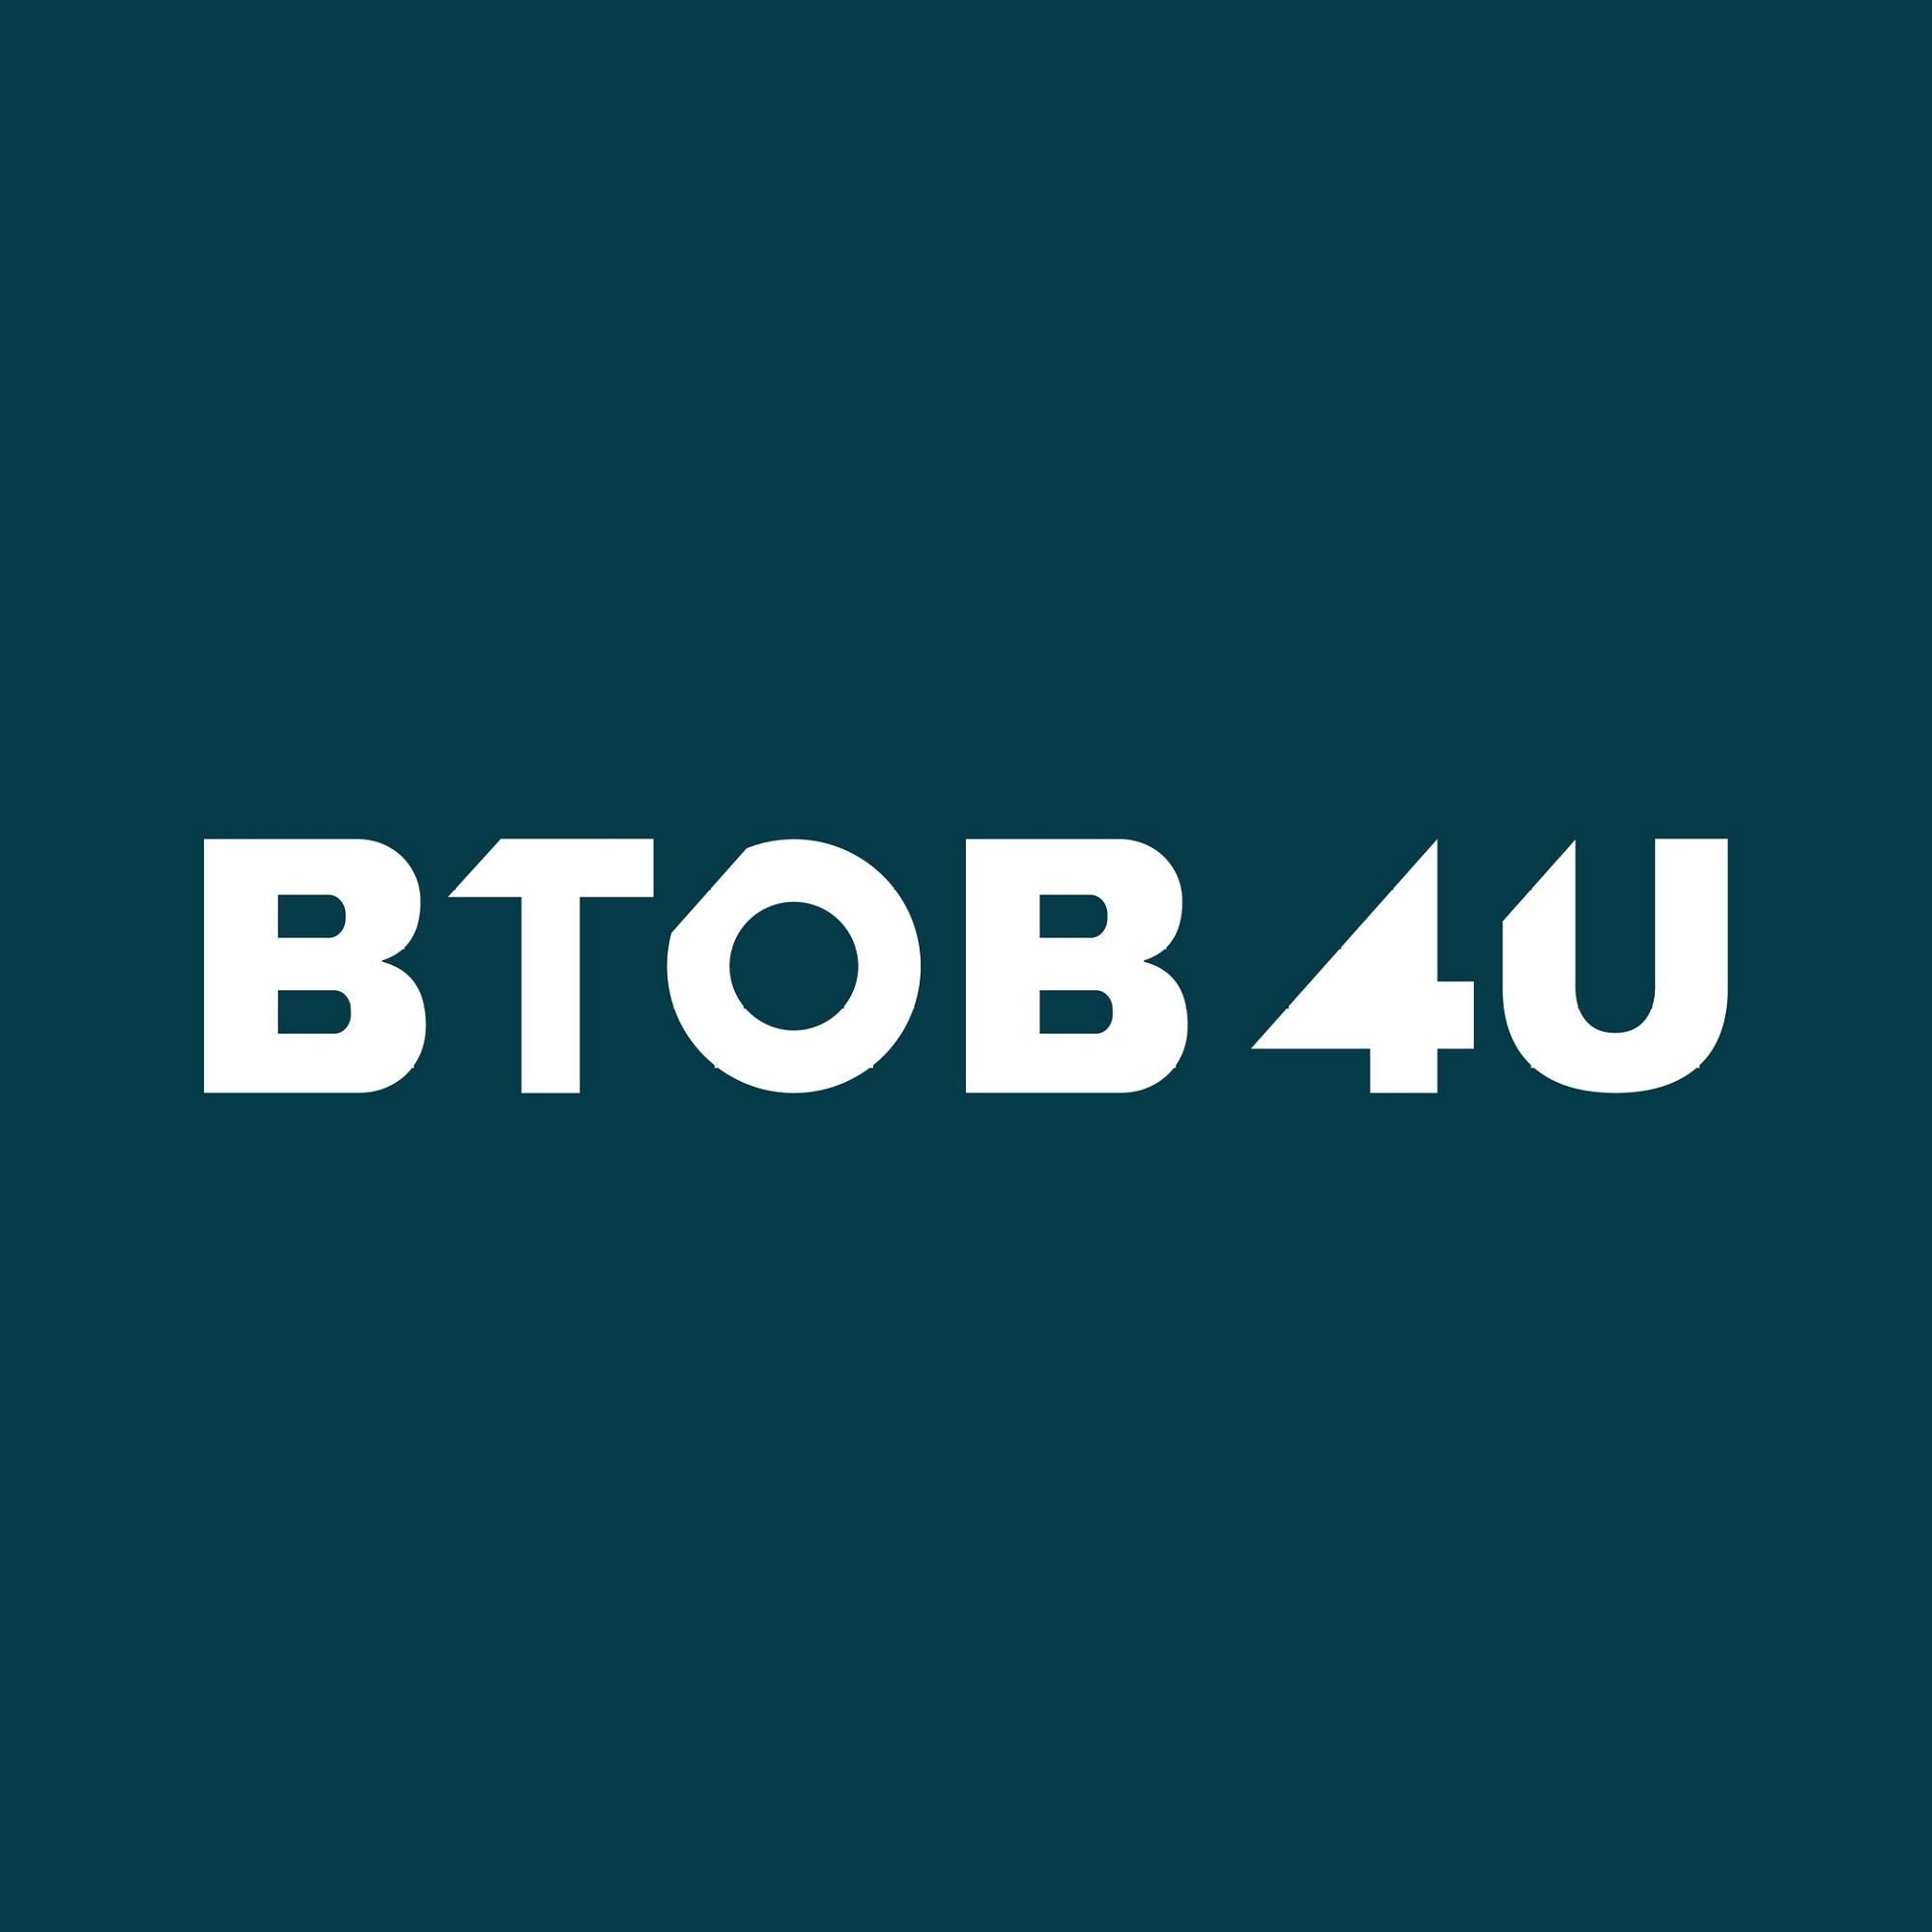 BTOB 4U